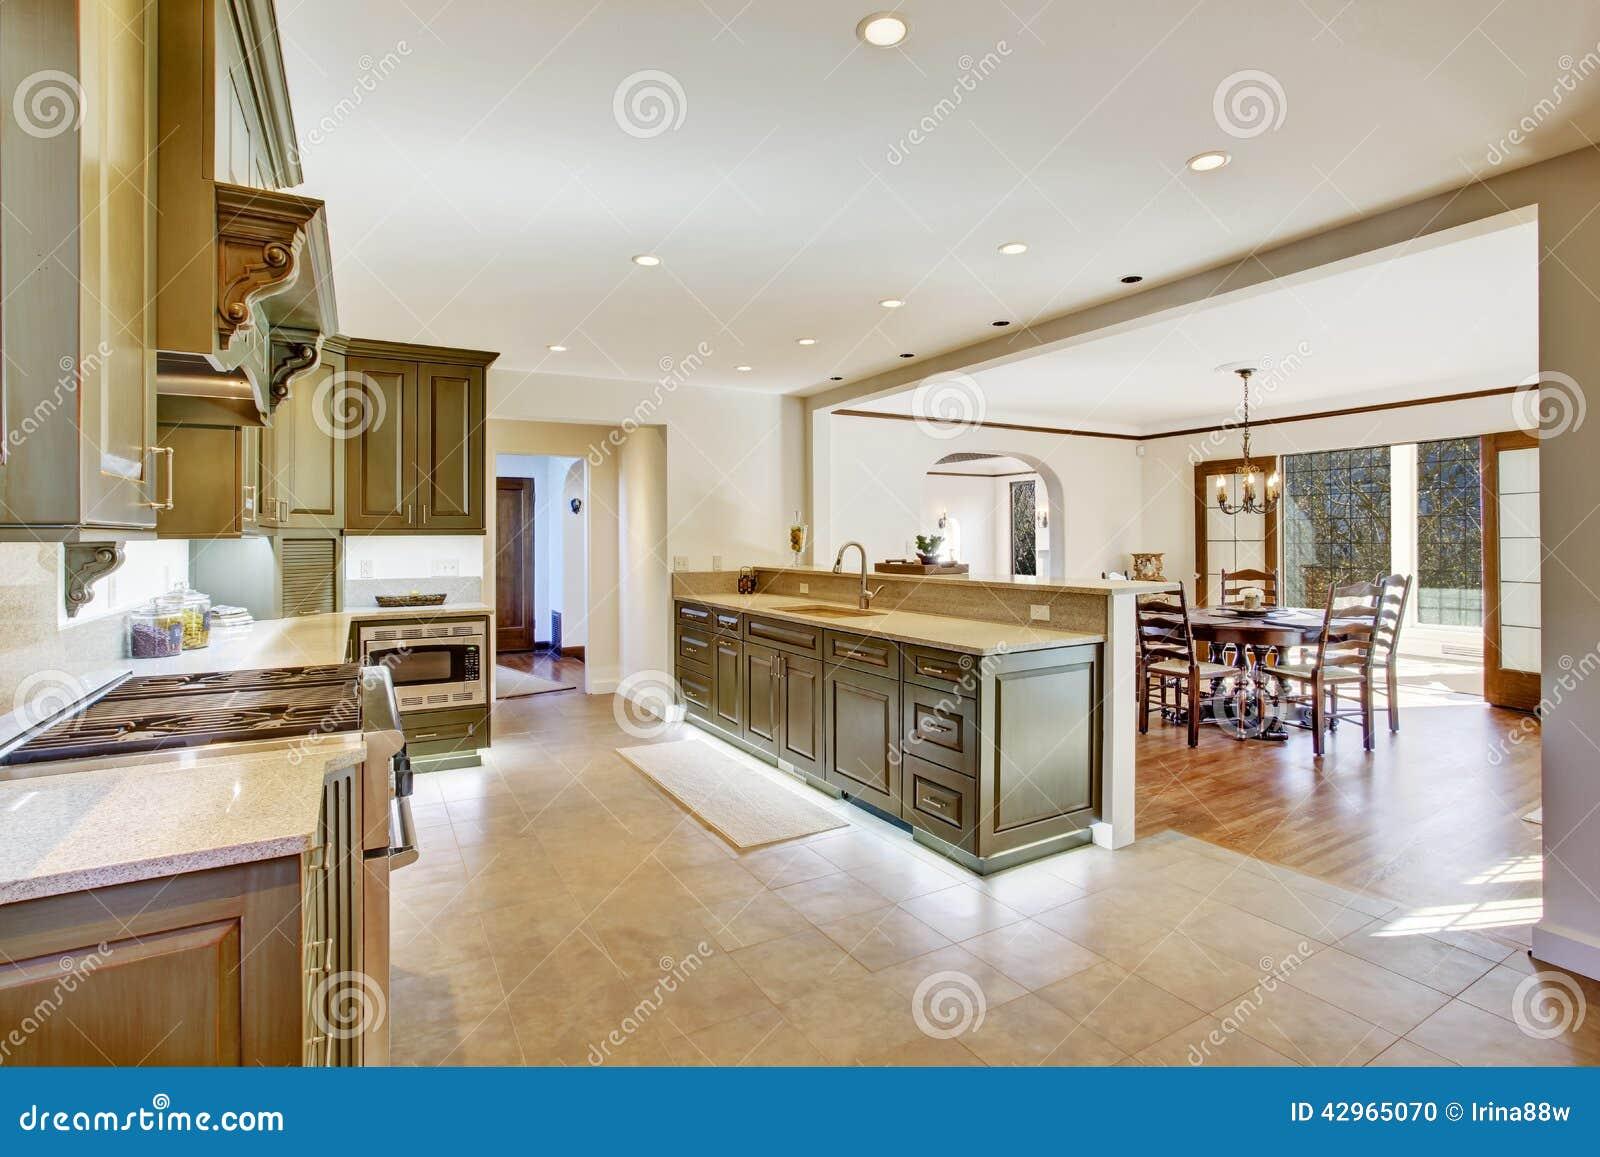 Woonkamer blauw rood - Keuken met teller ...